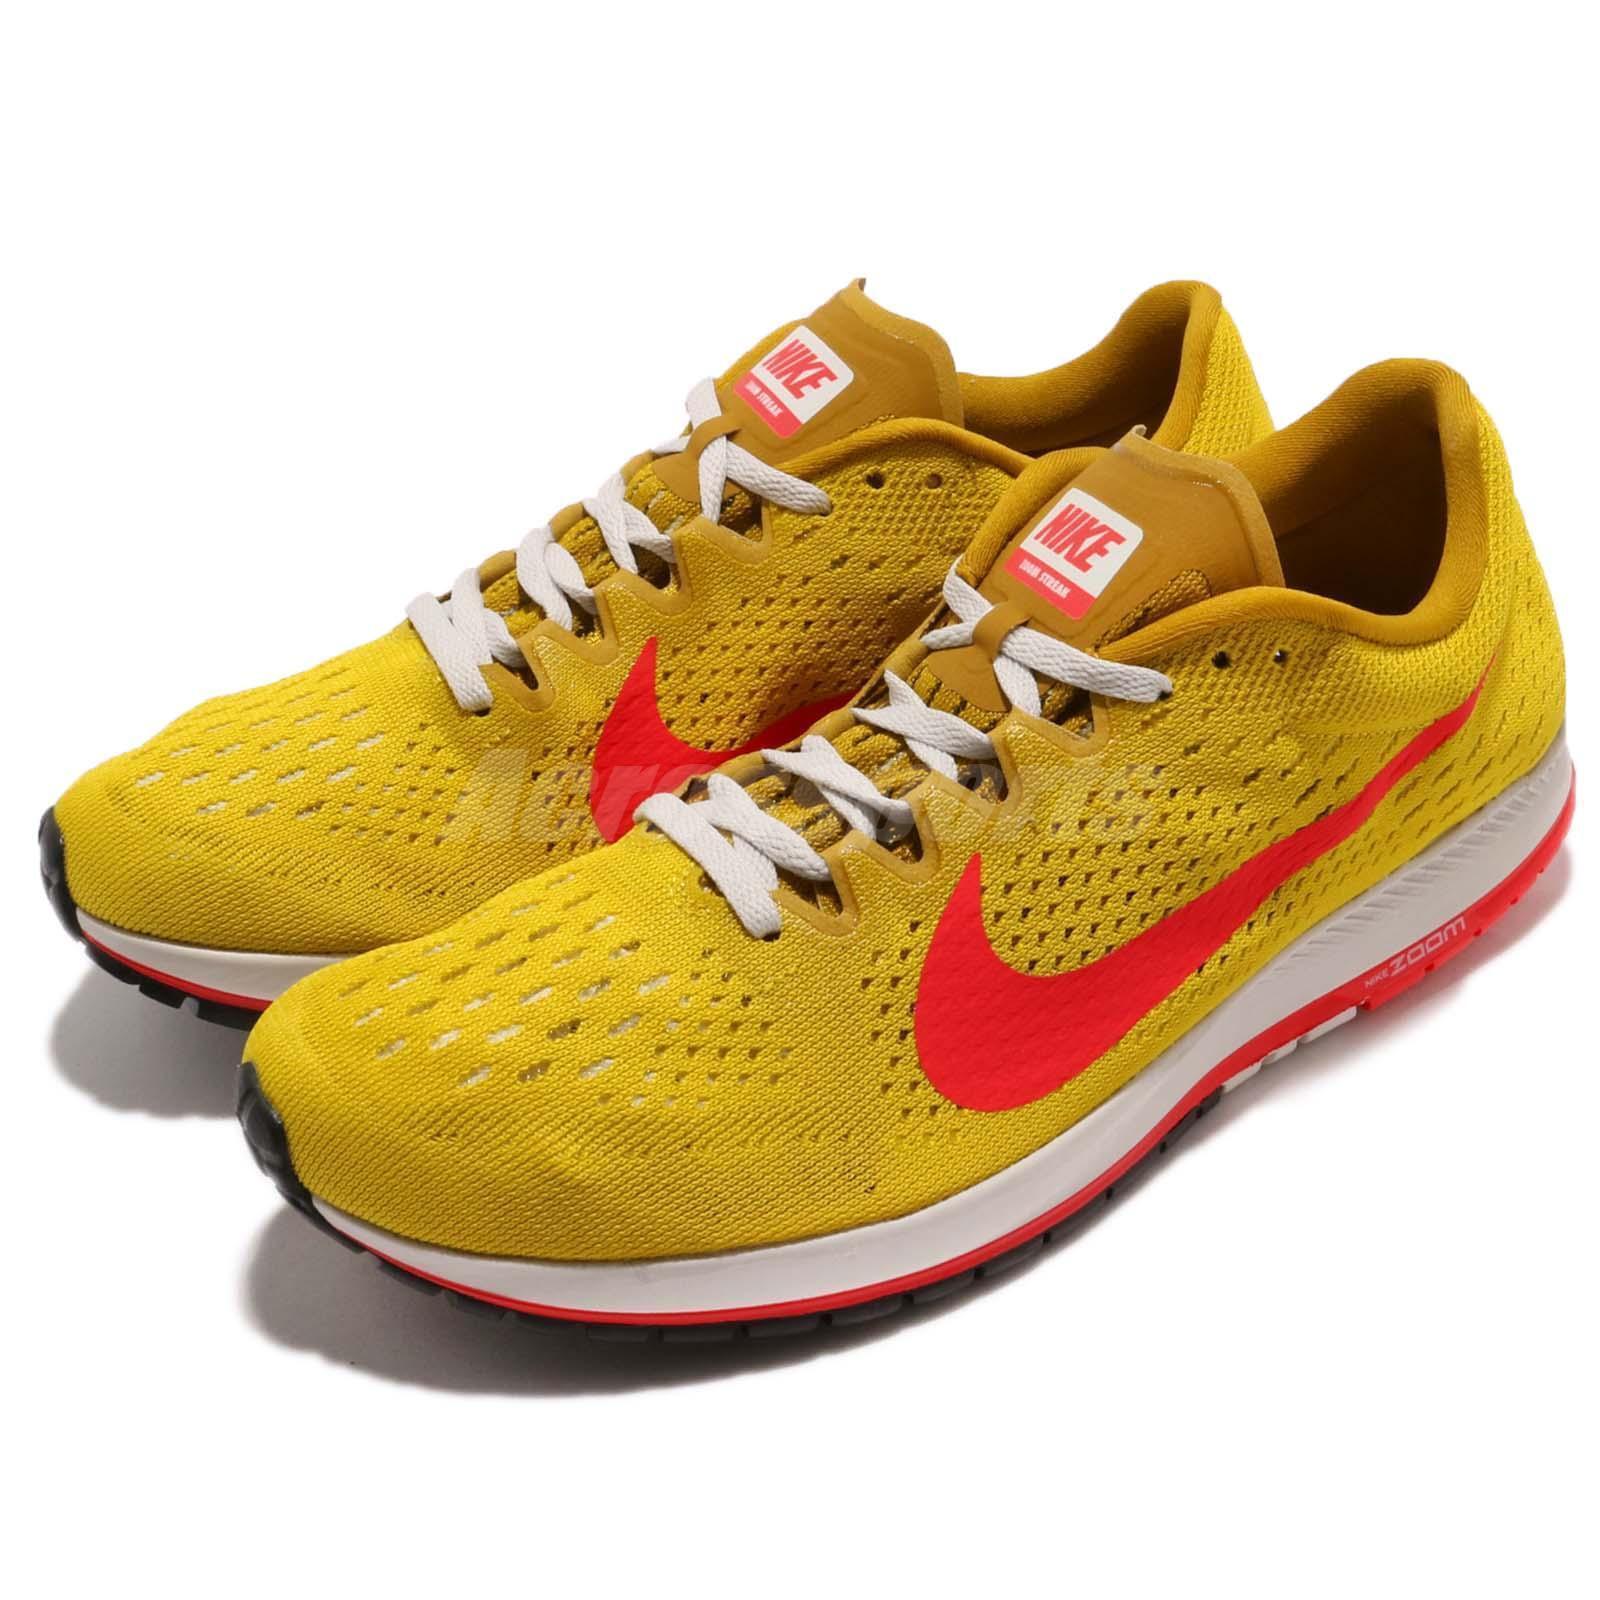 Nike zoom serie 6 vi uomini donne scarpe da da da ginnastica formatori 1 97852a